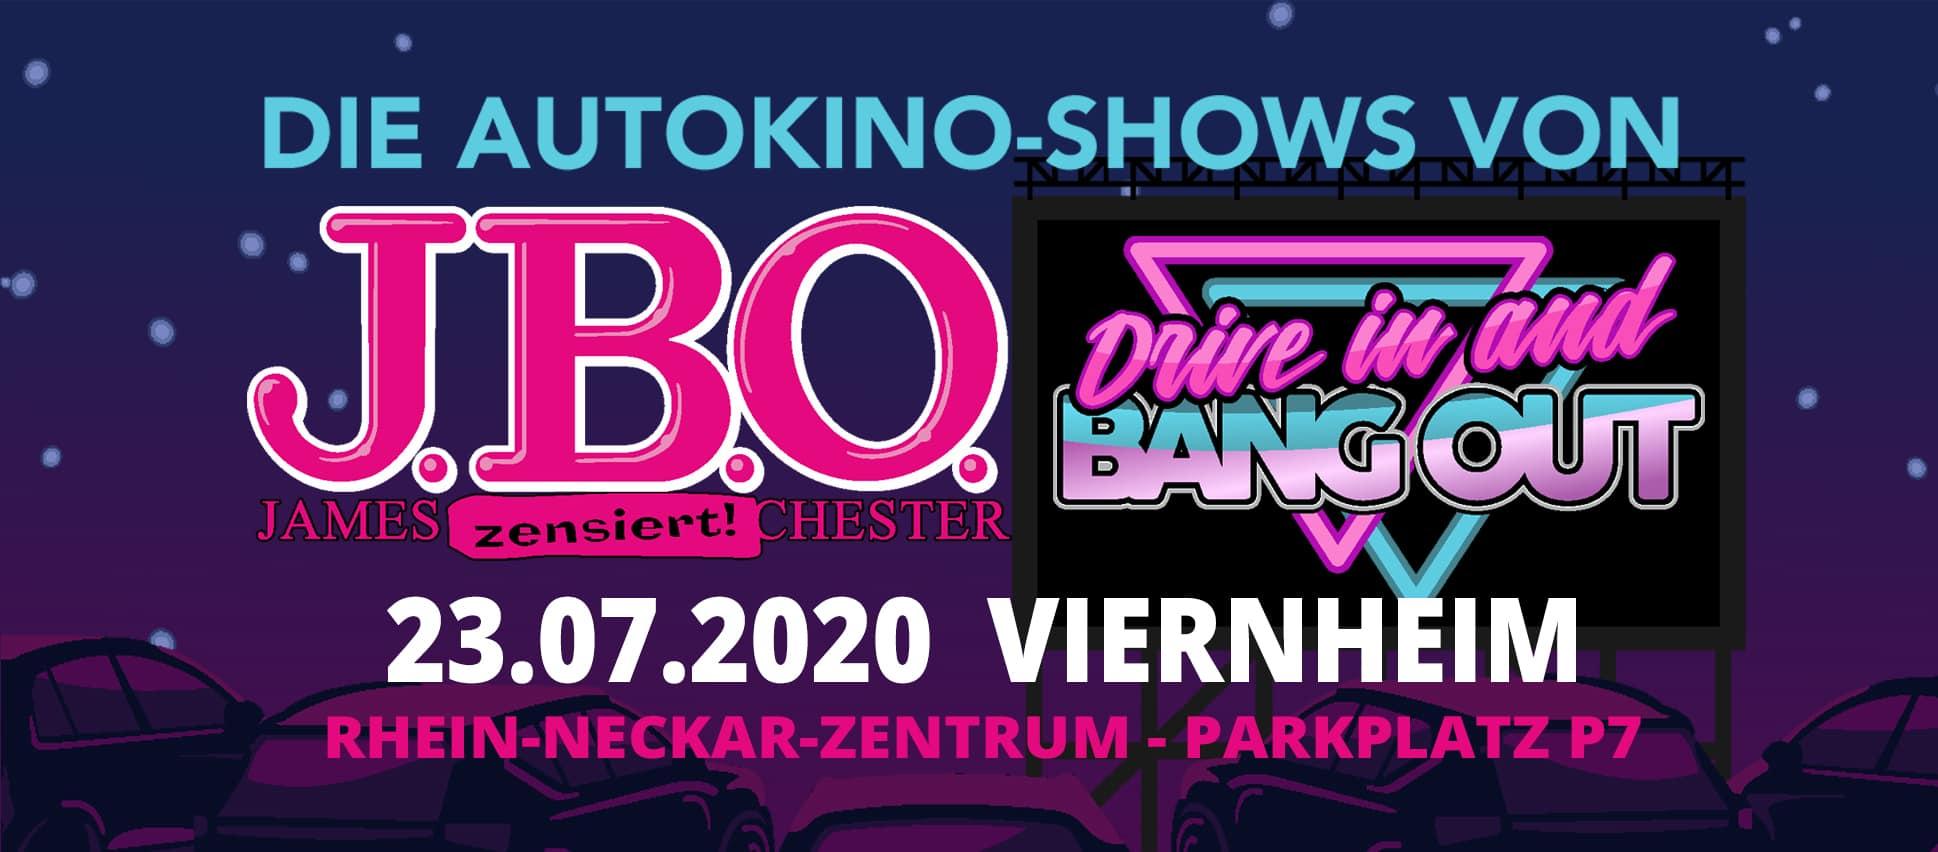 Drive in and Bang out: Donnerstag, 23. Juli 2020 - Rhein-Neckar-Zentrum - Parkplatz P7, Viernheim (Abgesagt!)